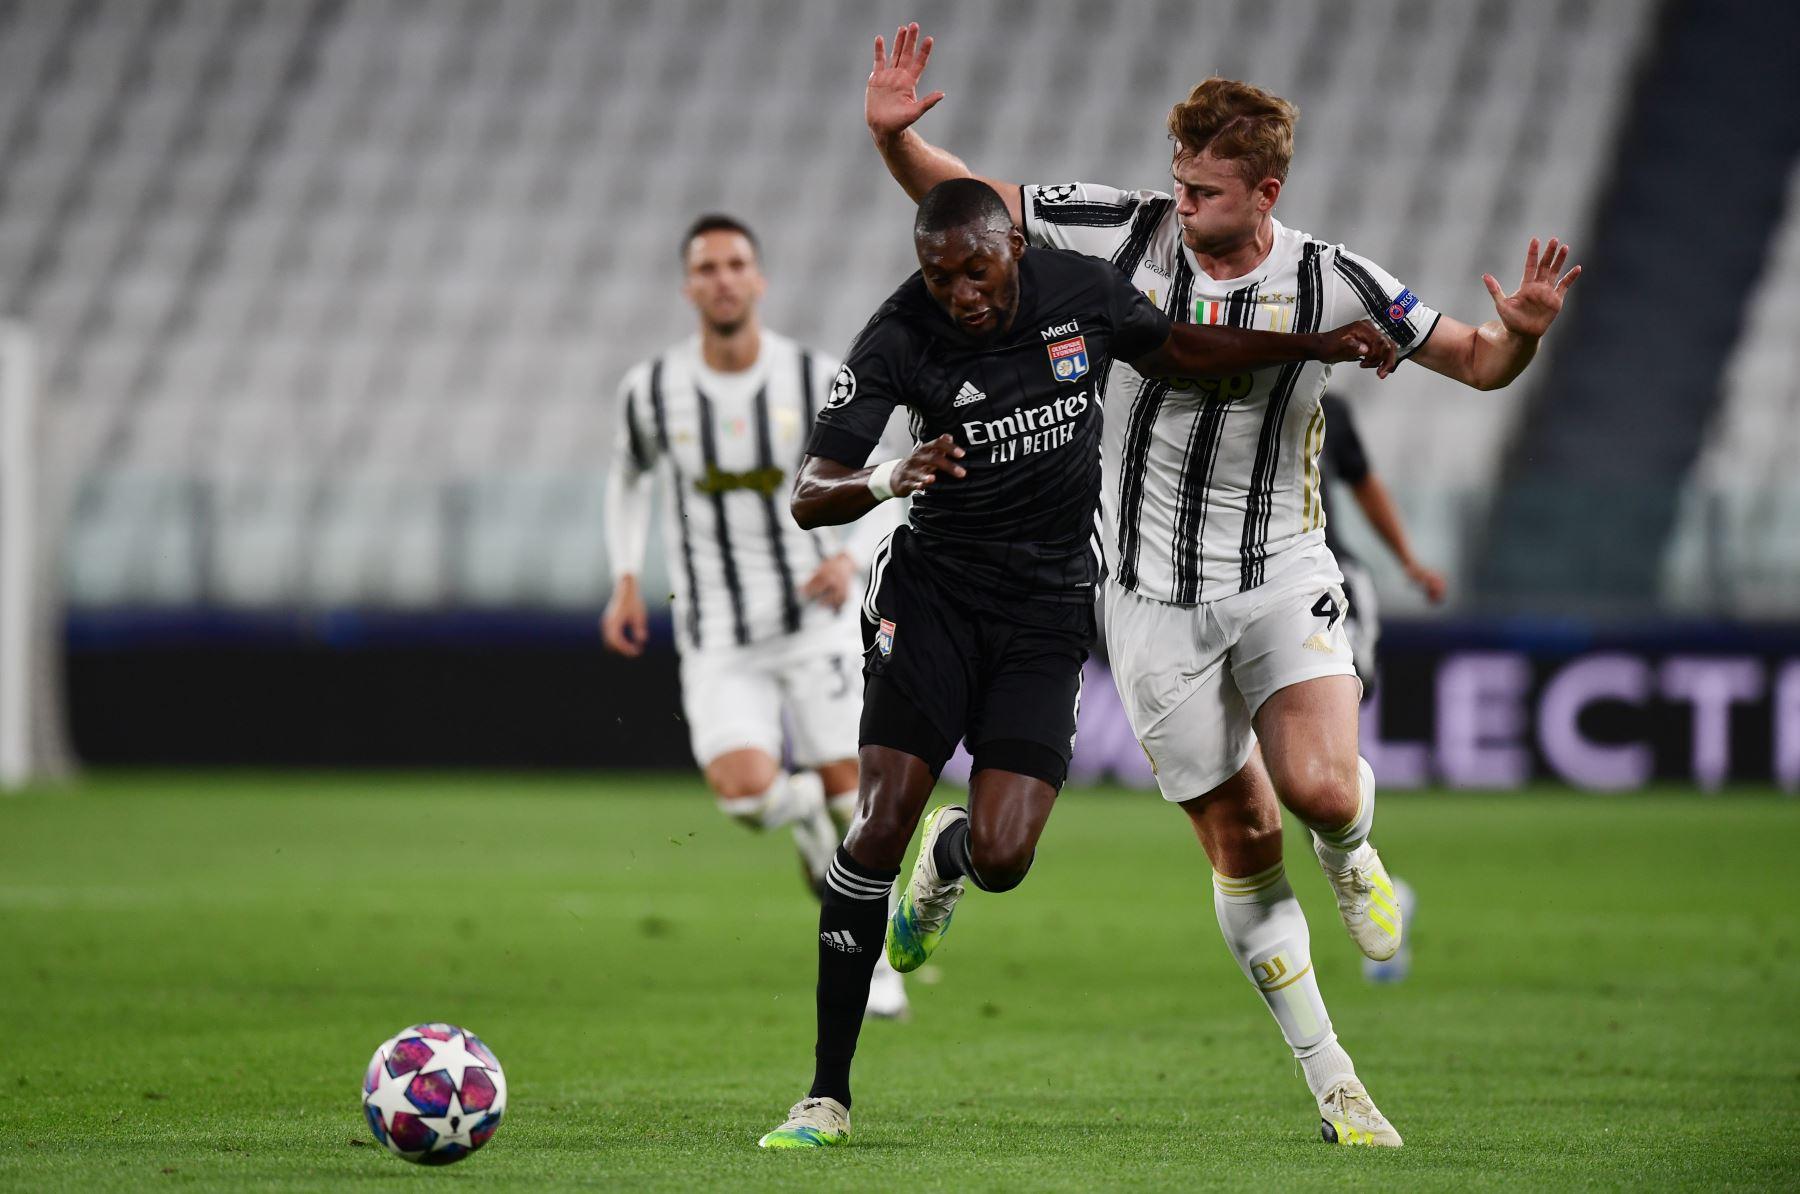 El delantero francés del Lyon Karl Toko Ekambi  lucha por el balón con el defensor holandés de la Juventus Matthijs de Ligt durante los octavos de final de la Liga de Campeones de la UEFA el segundo partido de fútbol entre la Juventus y el  Lyon. Foto: AFP